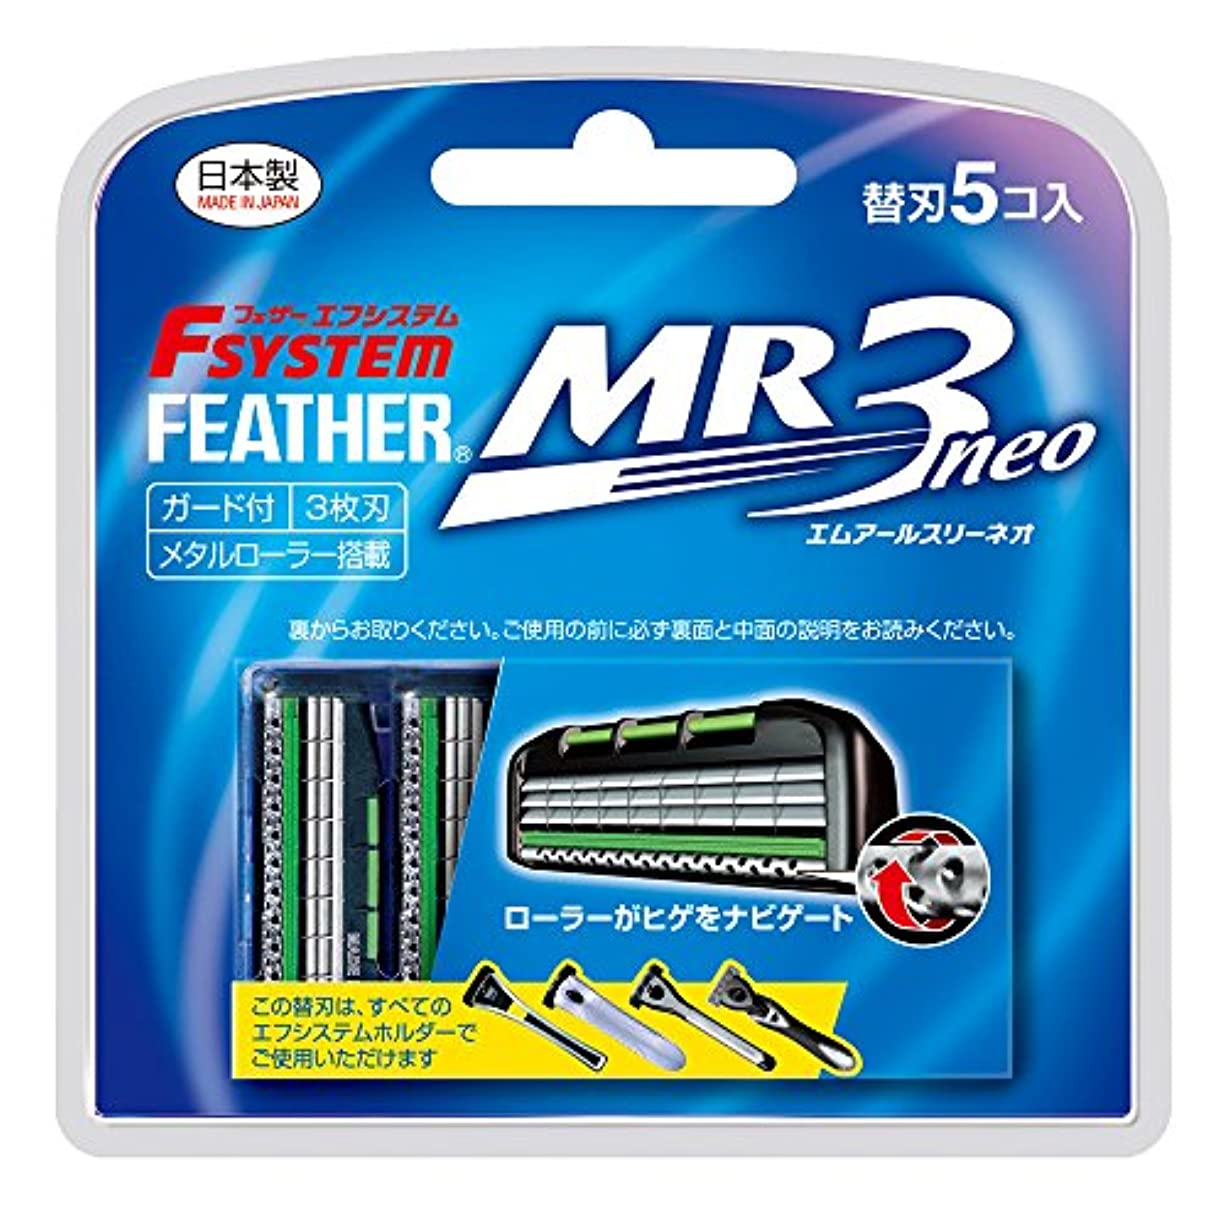 角度物足りないブレーキフェザー エフシステム 替刃 MR3ネオ 5コ入